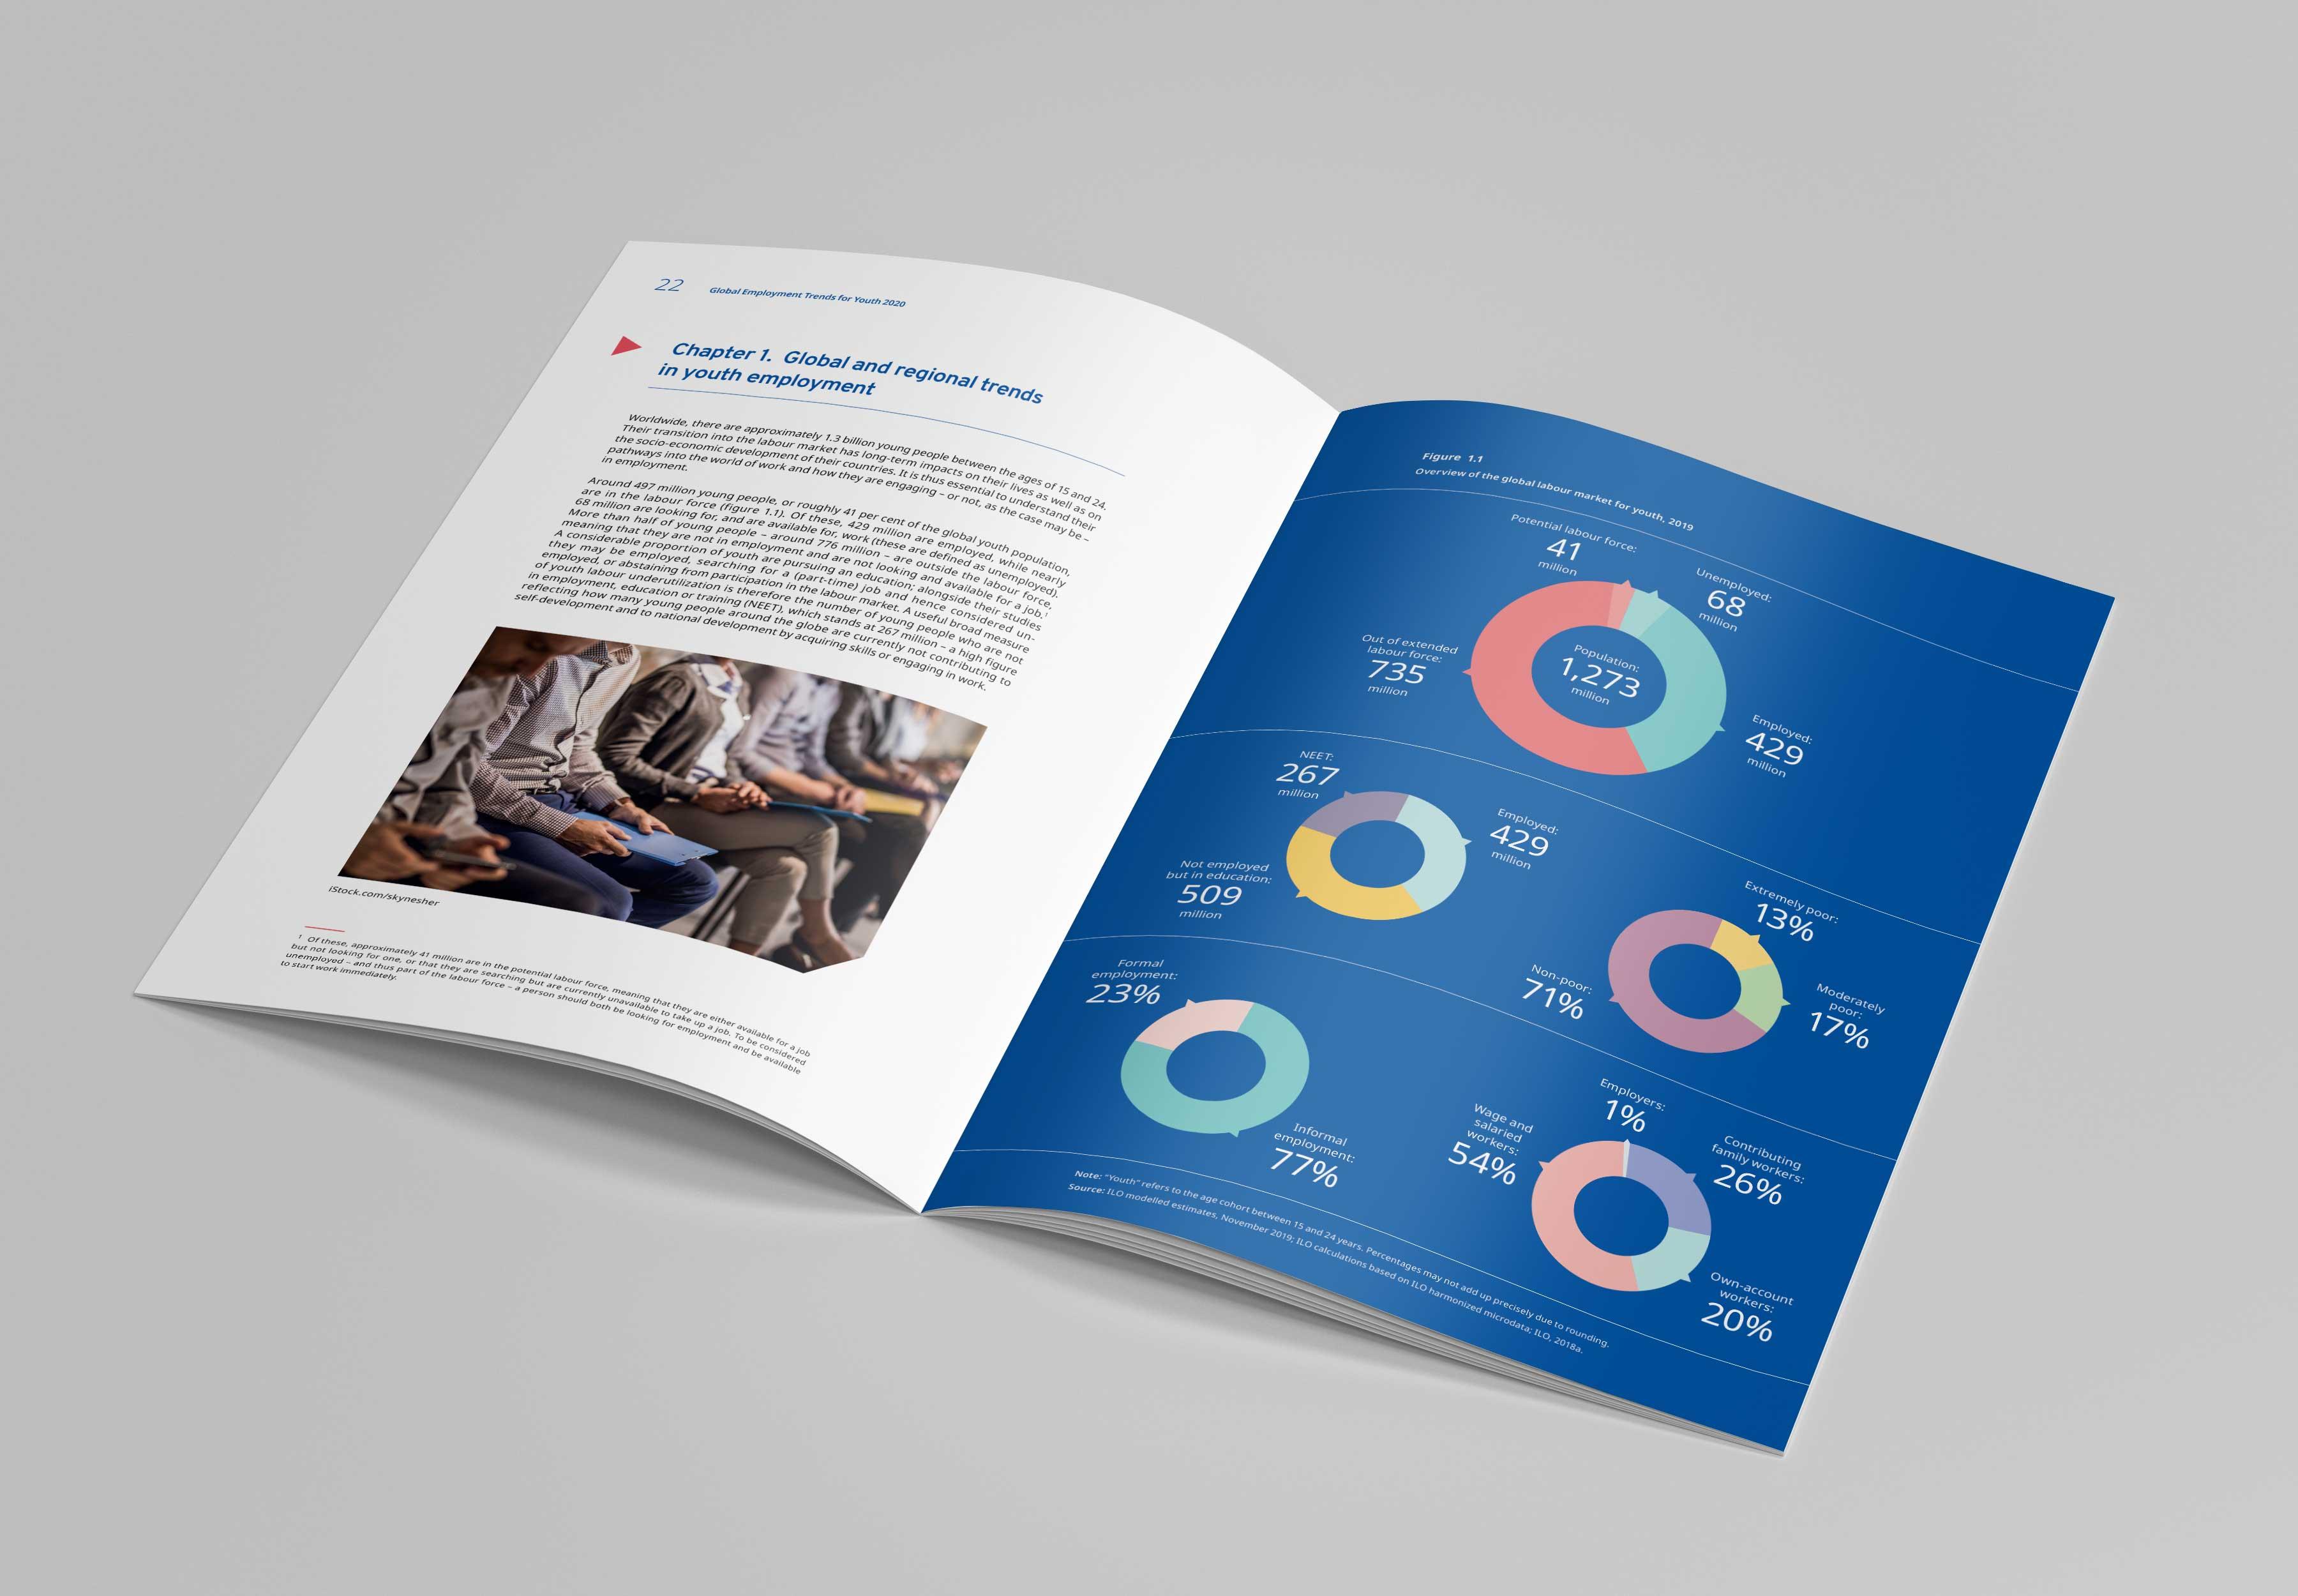 kathleen-morf-graphiste-oit-brochure